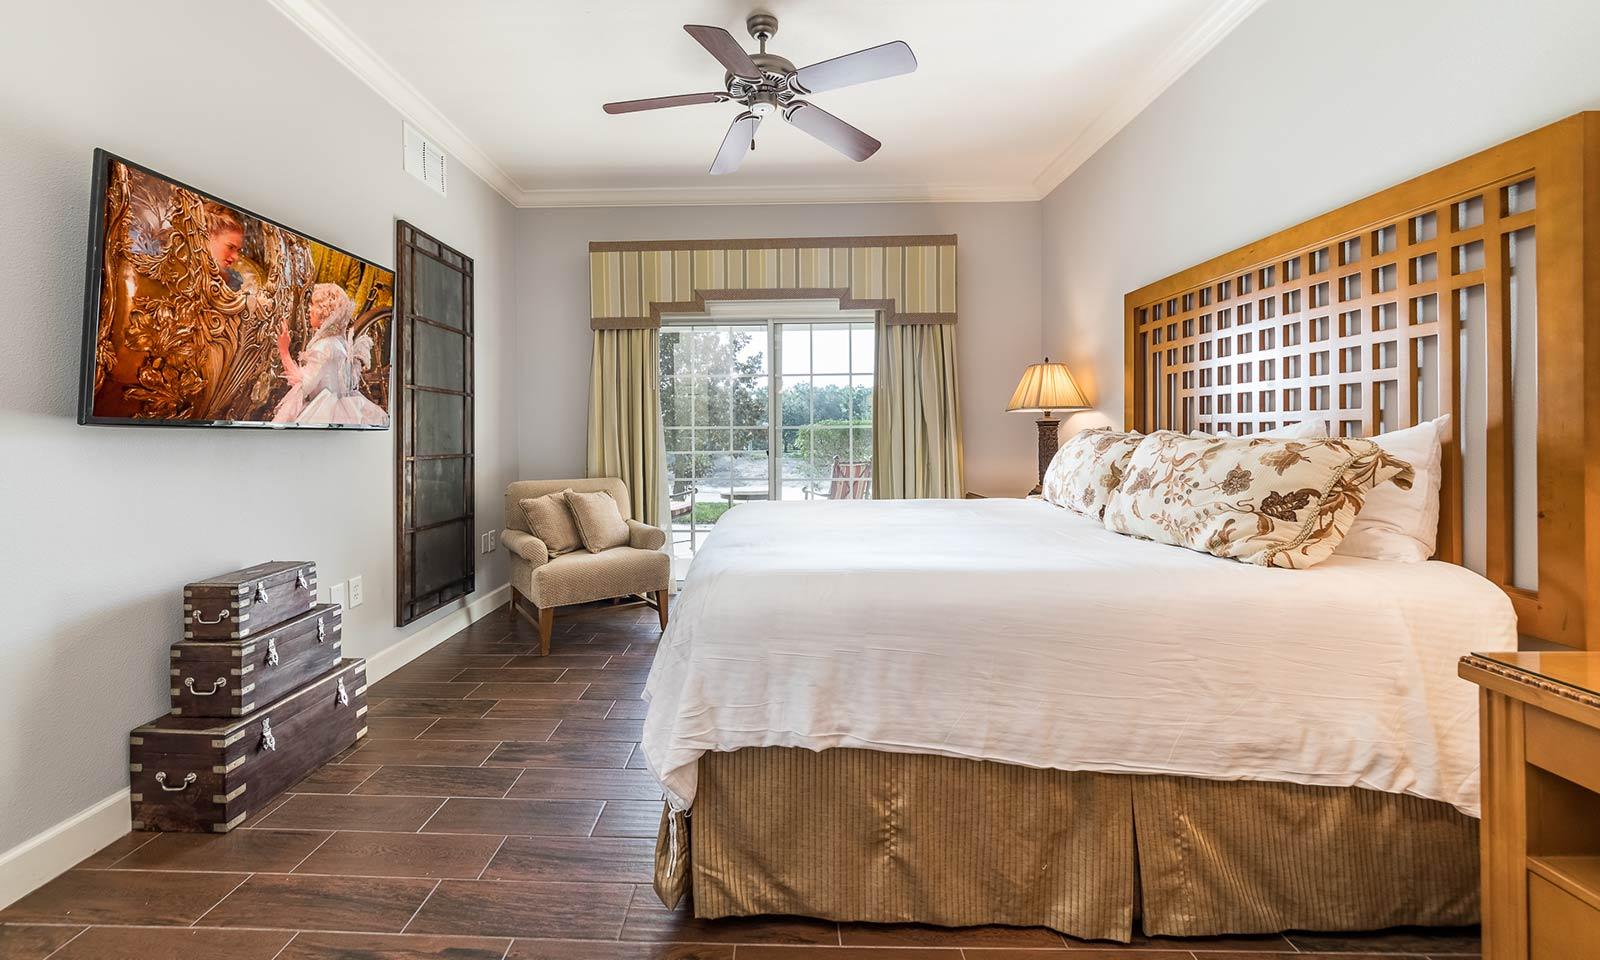 [amenities:Master-Bedroom:3] Master Bedroom